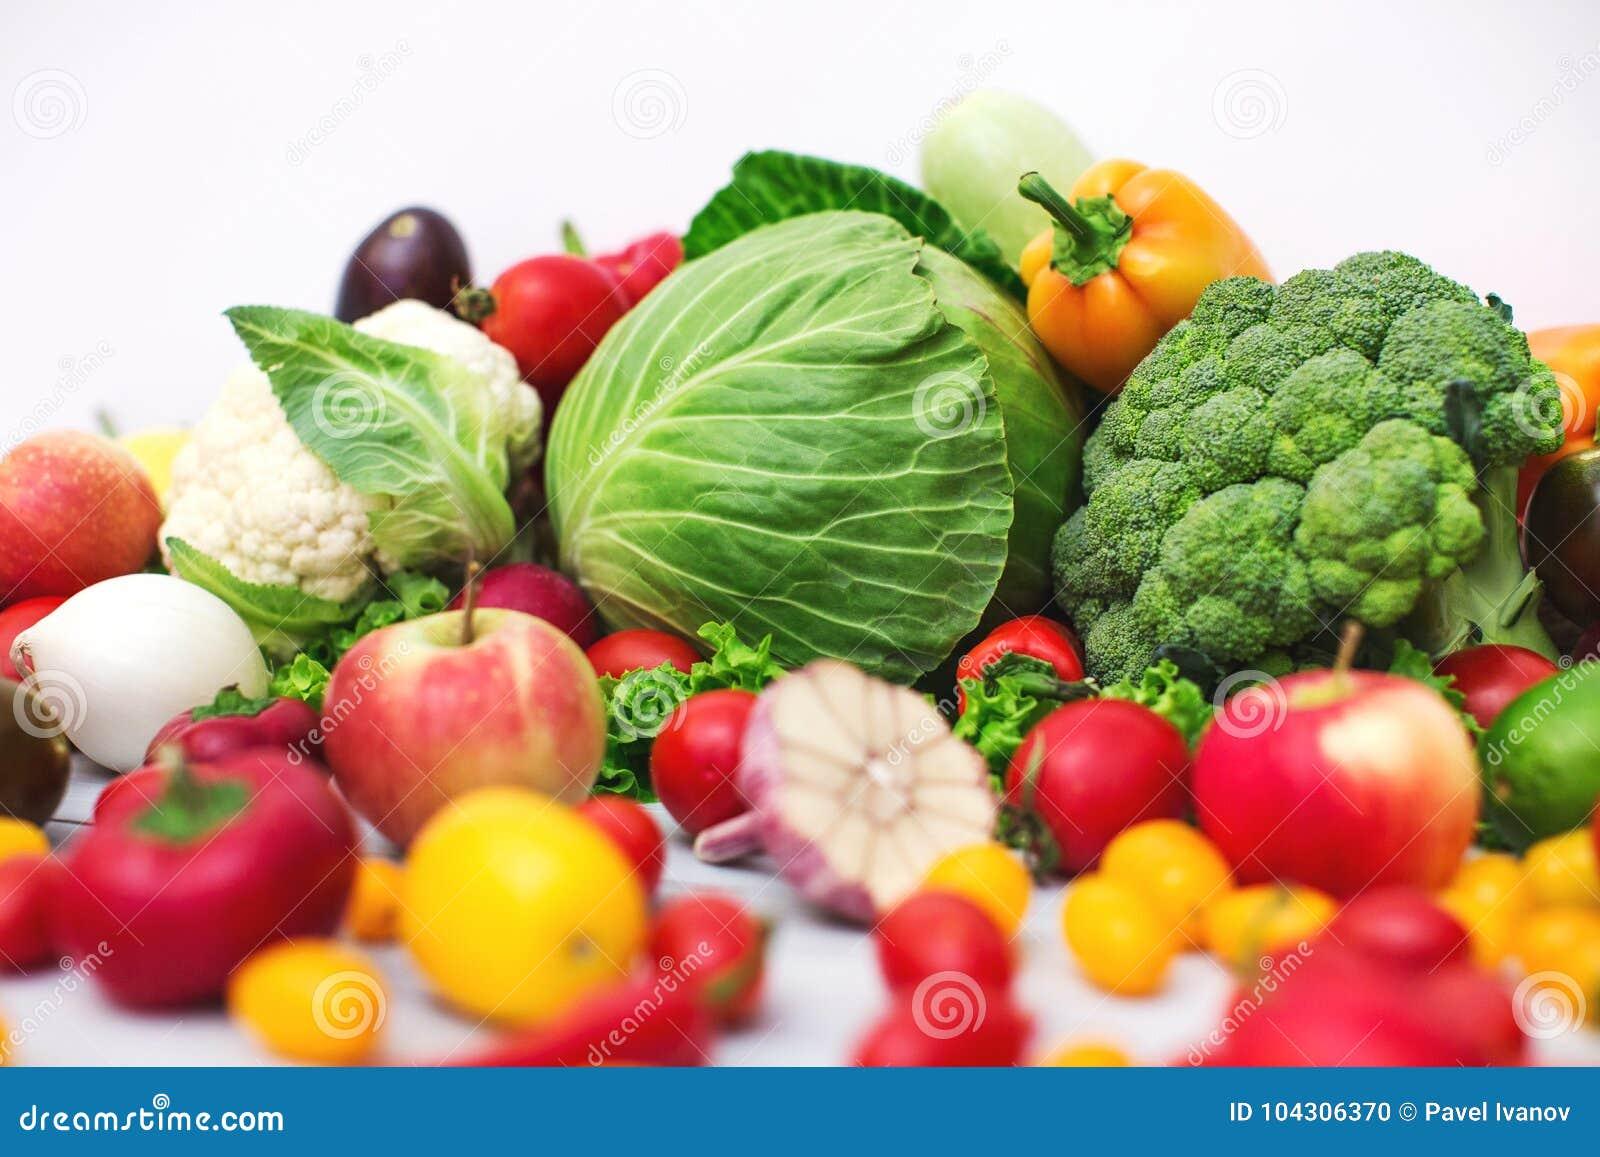 Producción vegetal orgánica cruda fresca